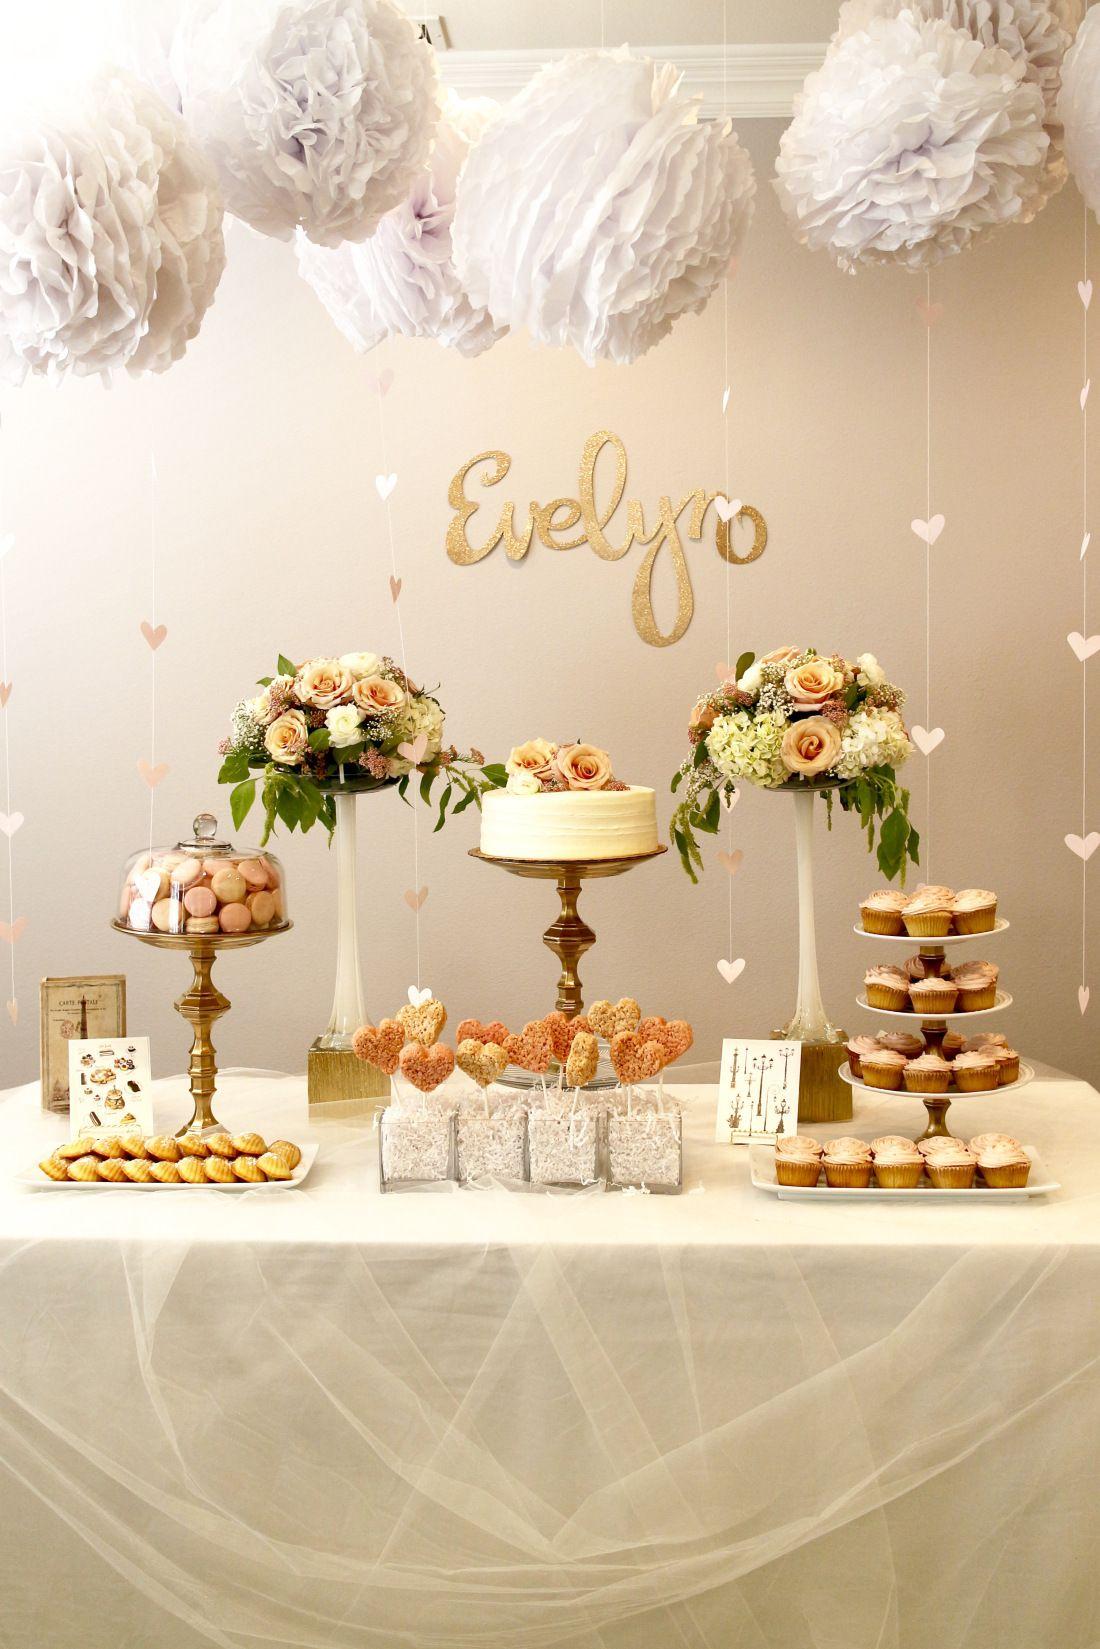 bon anniversaire party themes party decor desserts. Black Bedroom Furniture Sets. Home Design Ideas